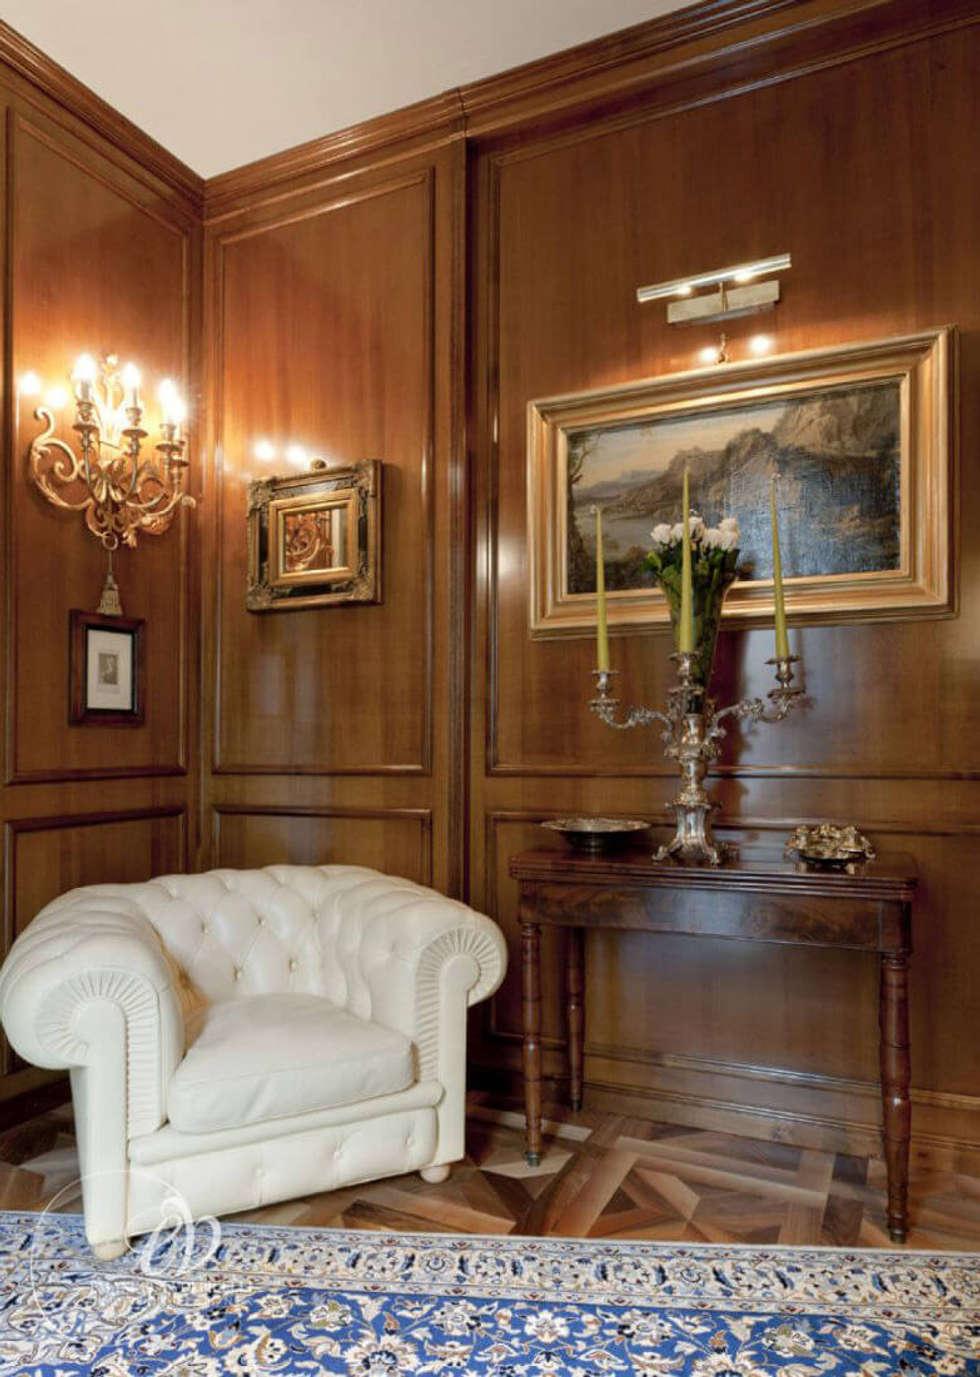 FASCINO SENZA TEMPO: Studio in stile in stile Classico di Emanuela Volpicelli Interior Designer